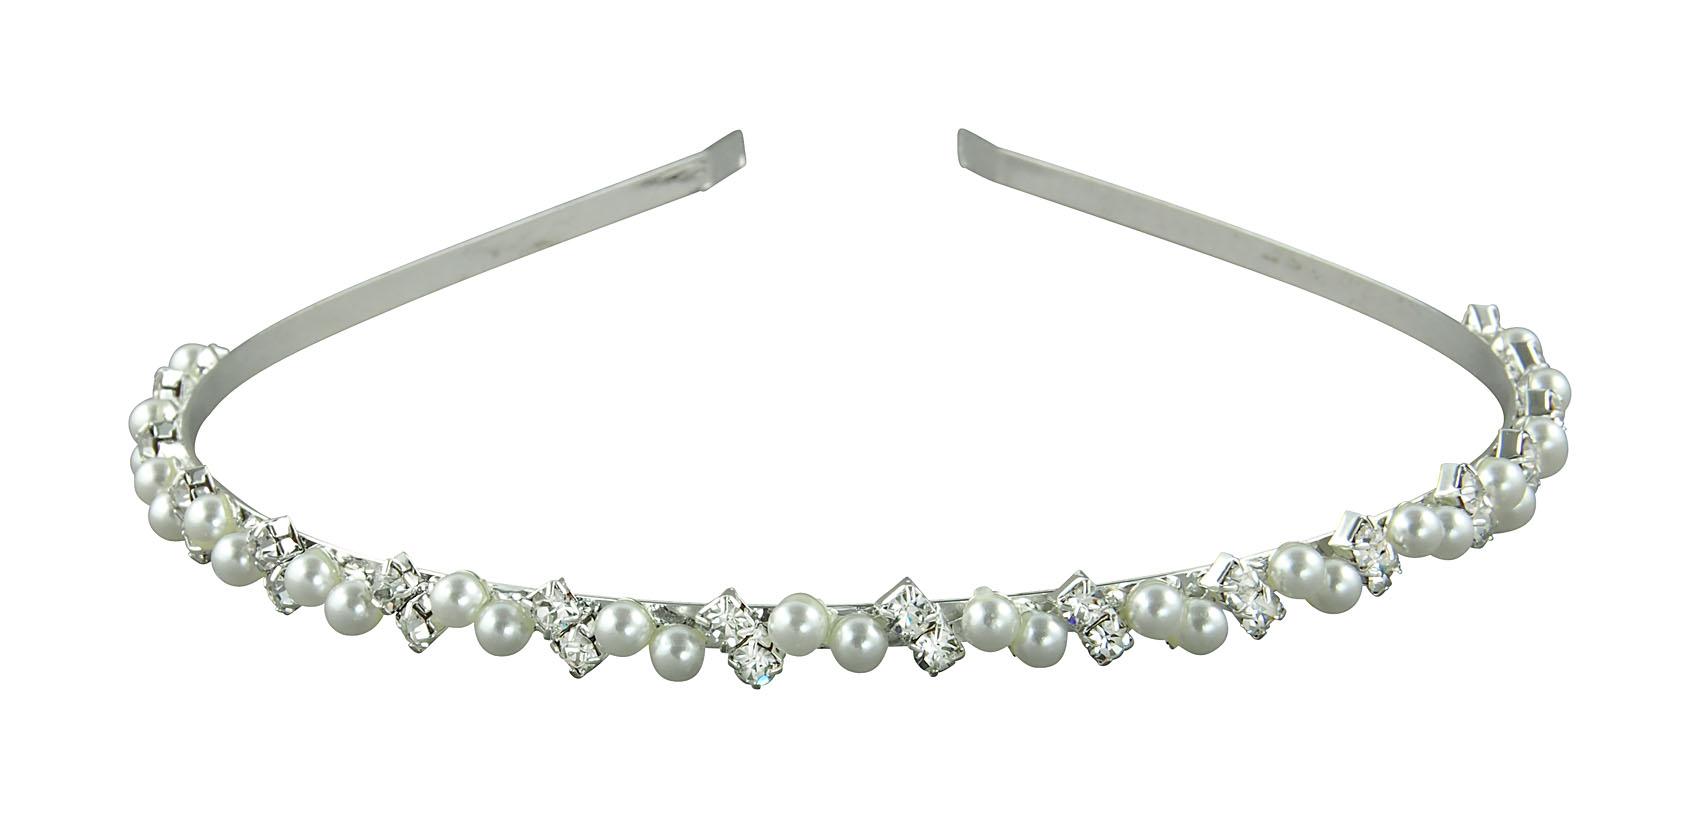 Brautschmuck haarreif perlen